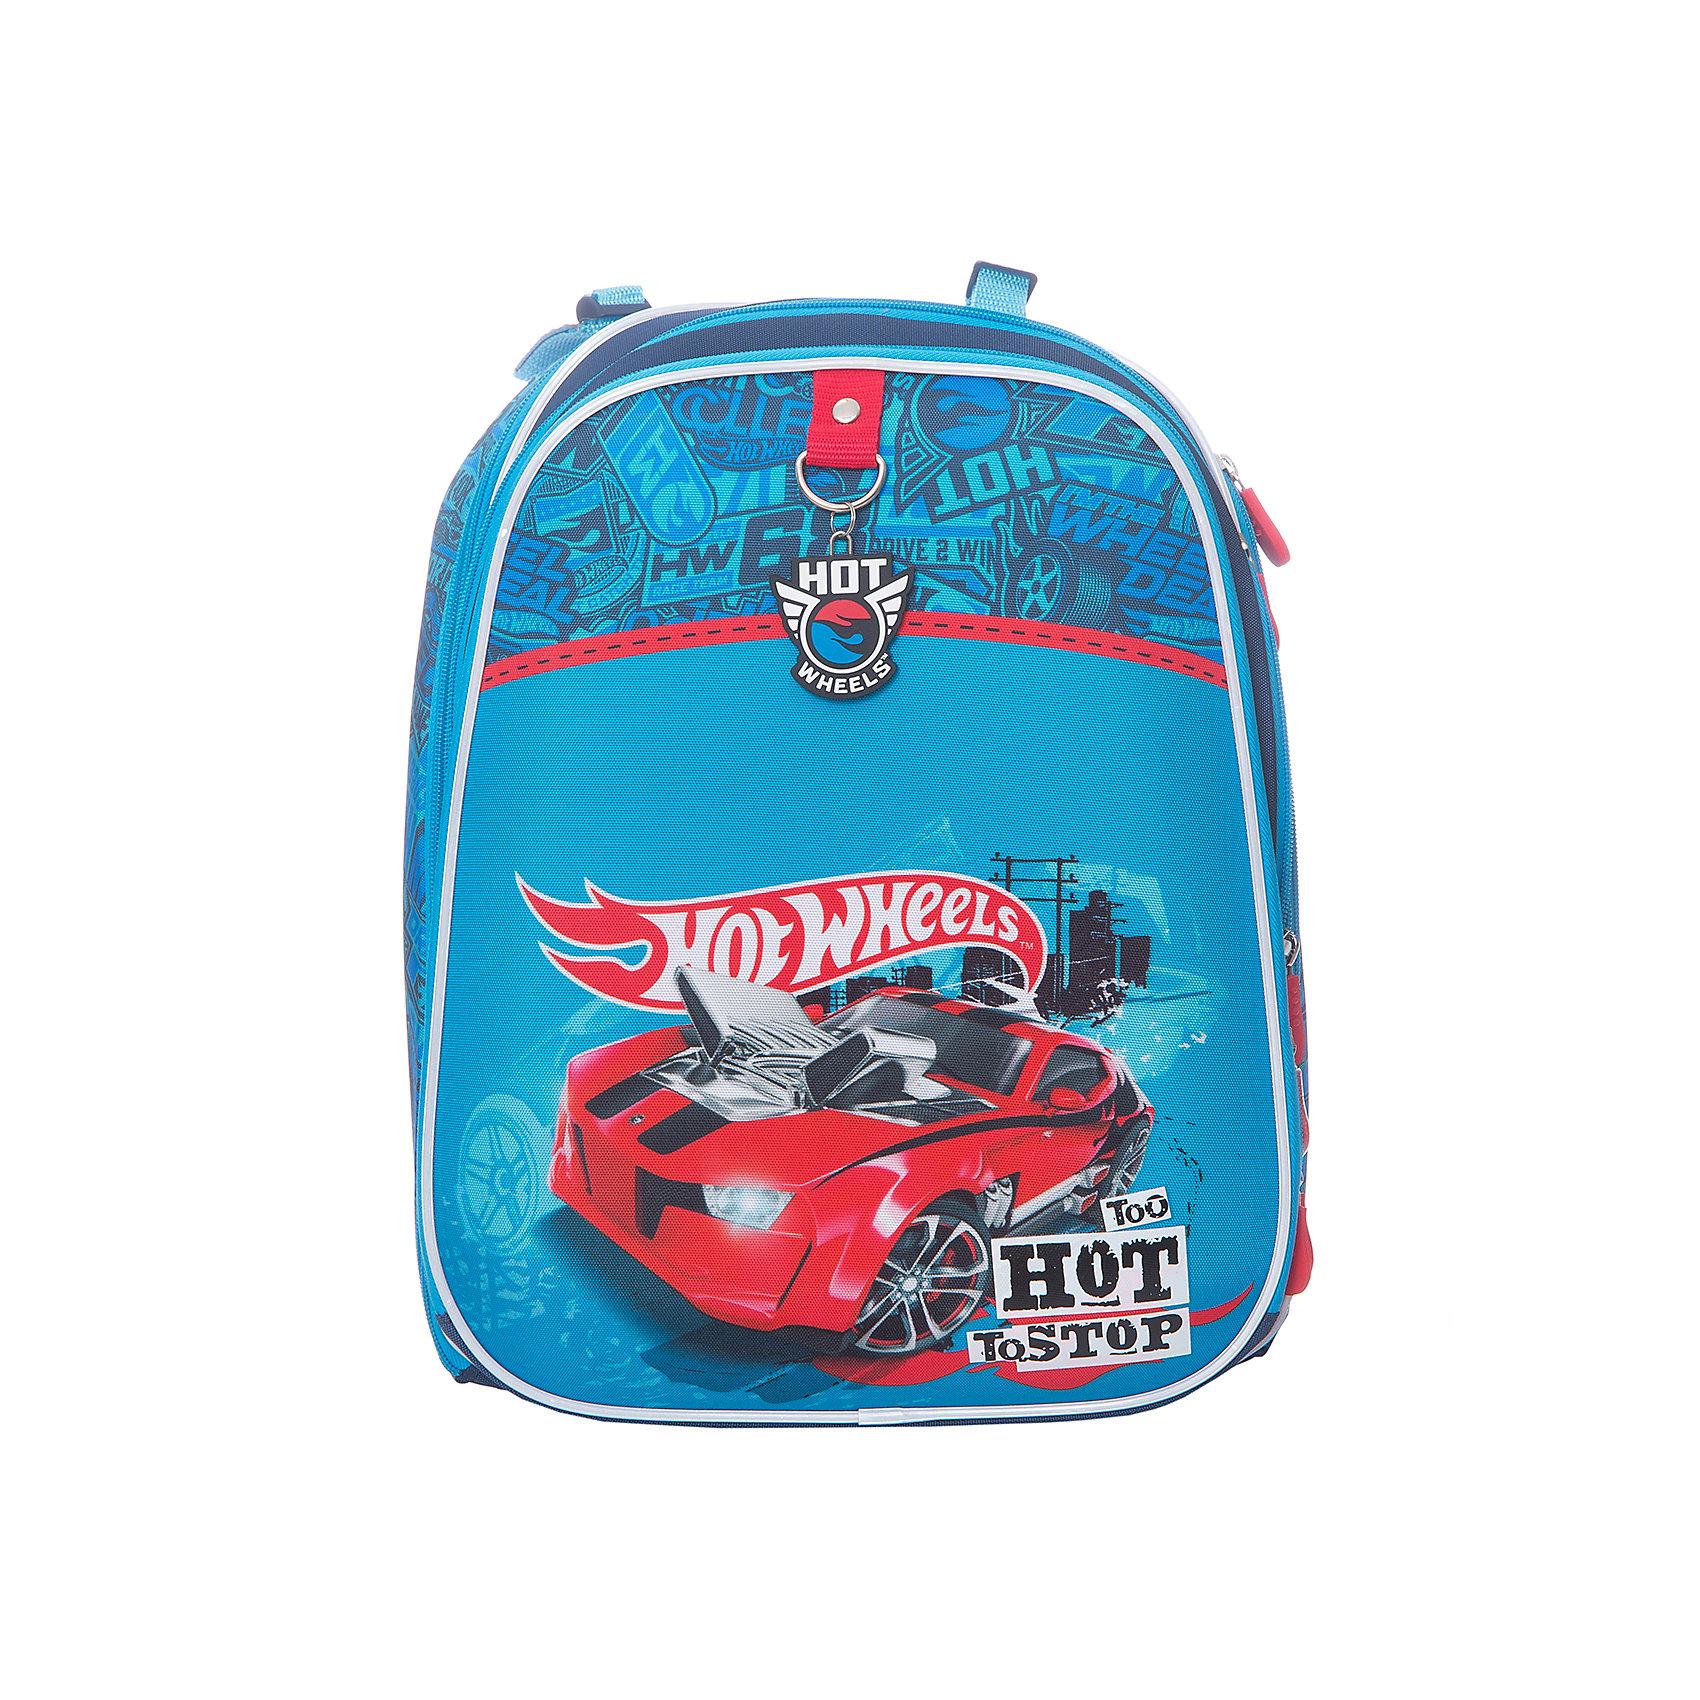 Рюкзак с эргономичной спинкой Hot Wheels Super CarHot Wheels<br>Характеристики товара:<br><br>• серия: Com Style <br>• принт: Hot Wheels Super Car<br>• для начальной школы<br>• цвет: синий<br>• материал: полиэстер, пластик<br>• спинка: эргономичная<br>• размер изделия: 17х29х38 см<br>• вес в кг: 850гр<br>• страна бренда: Германия<br>• страна изготовитель: Китай<br><br> Рюкзак с эргономичной спинкой Hot Wheels Super Car с практичной, водонепроницаемой, морозоустойчивой и износостойкой тканью. Светоотражающие элементы.<br><br>Размер рюкзака позволяет поместить учебные материалы формата А4+. Рюкзак имеет два внутренних отделения и фронтальный карман на молнии, а также карман для мобильного телефона. <br><br>Рюкзак с эргономичной спинкой Hot Wheels Super Car можно купить в нашем интернет-магазине.<br><br>Ширина мм: 360<br>Глубина мм: 270<br>Высота мм: 200<br>Вес г: 1265<br>Возраст от месяцев: 72<br>Возраст до месяцев: 96<br>Пол: Мужской<br>Возраст: Детский<br>SKU: 6842677